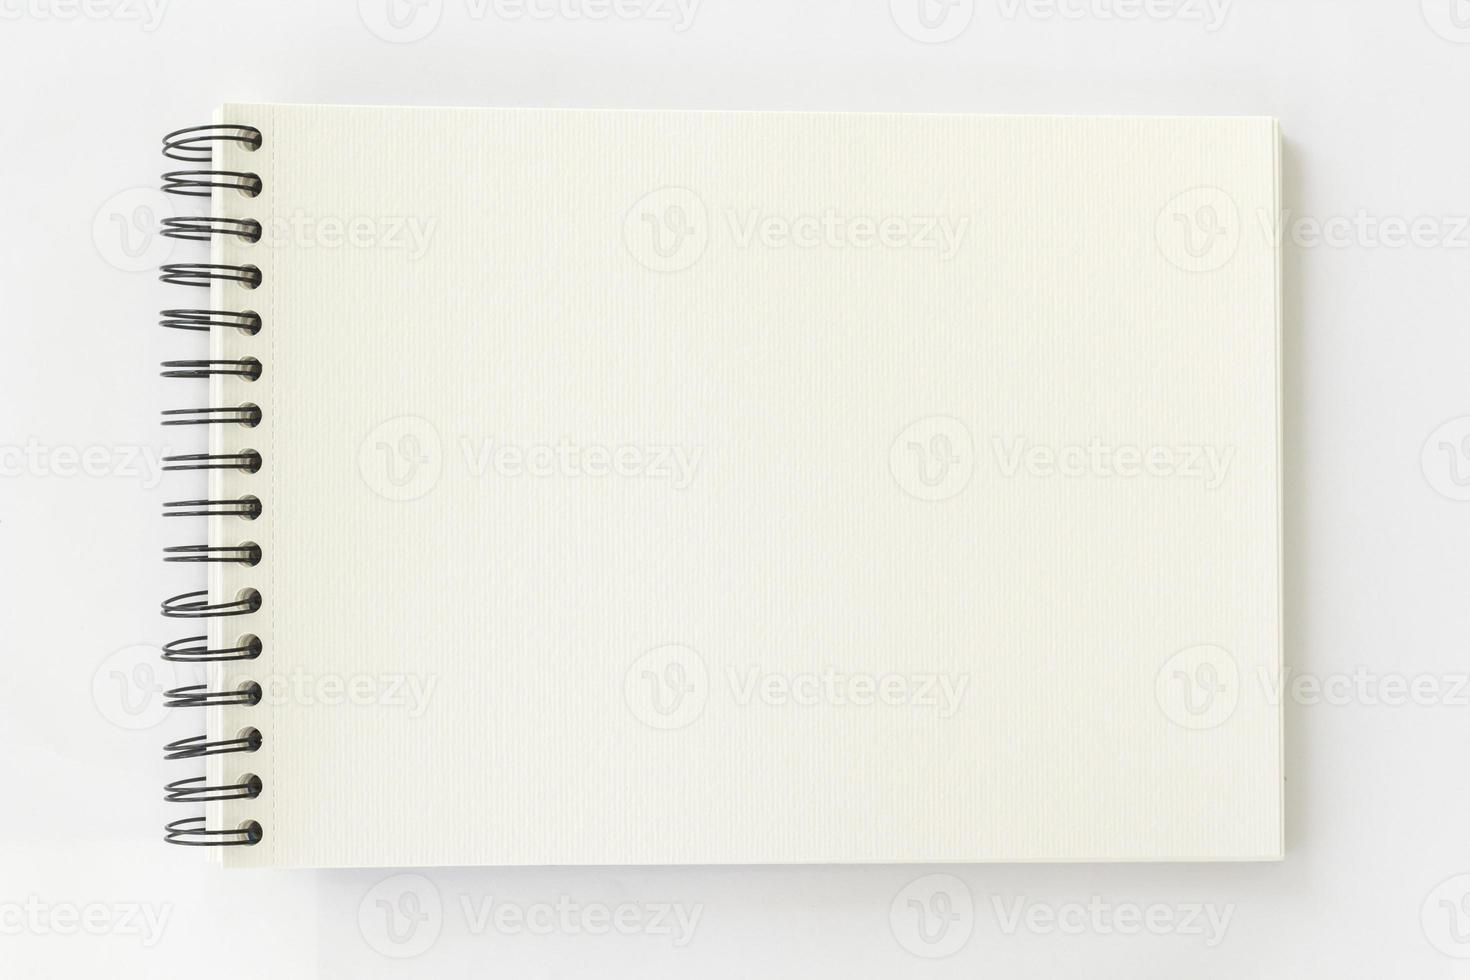 Spiralaquarellbuch auf weißem Hintergrund foto